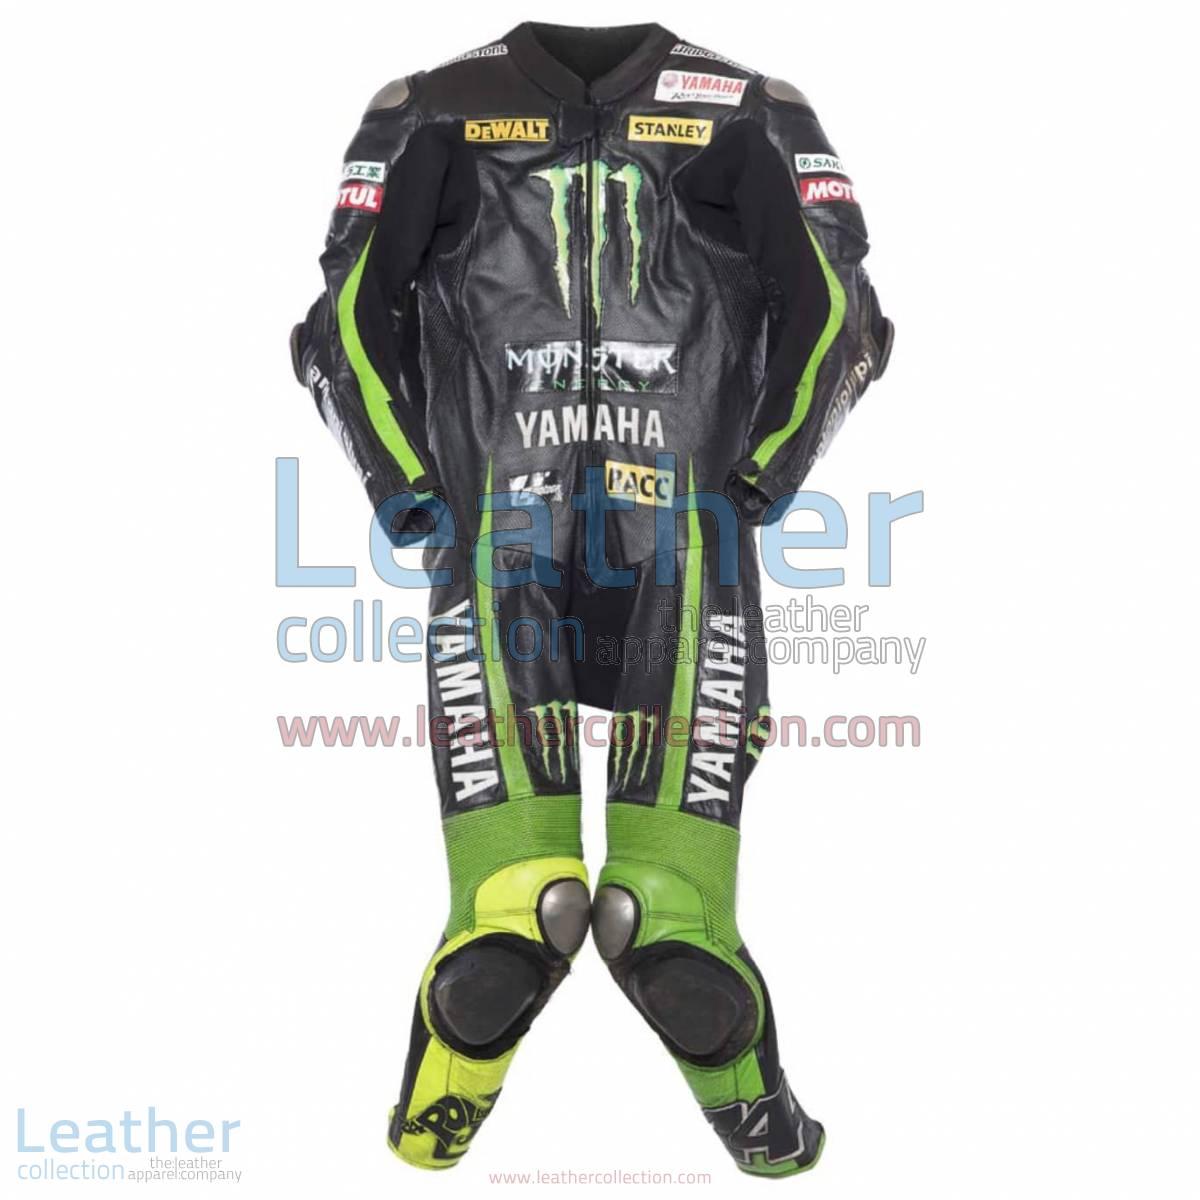 Pol Espargaro Yamaha MotoGP 2014 Racing Suit   racing suit